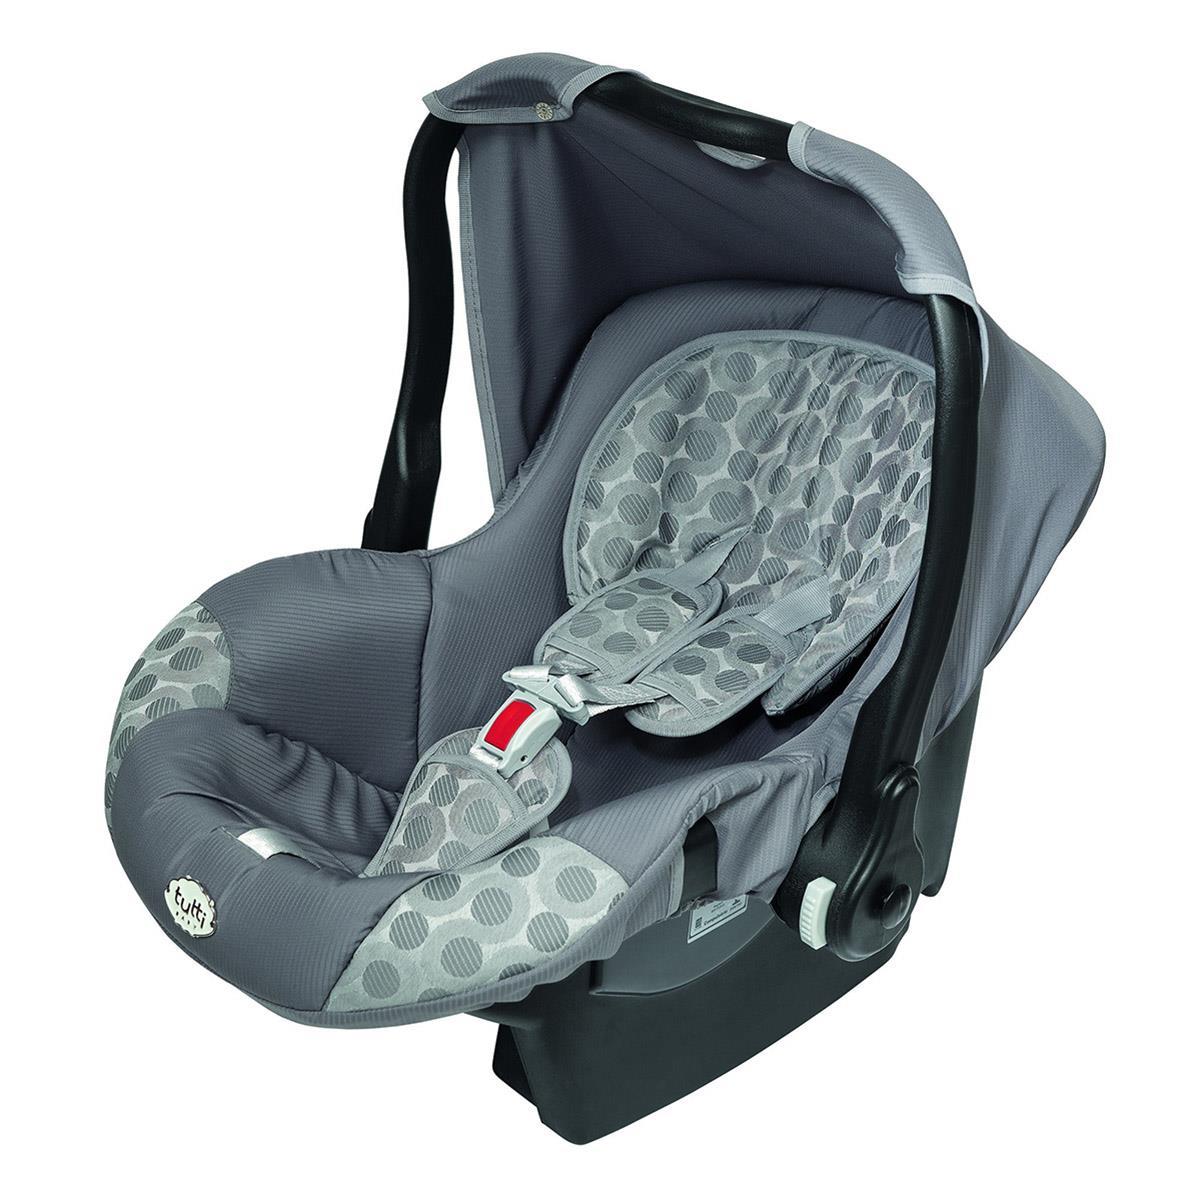 Bebê Conforto Nino Com Capota Upper Até 13 Kg Cinza Tutti Baby